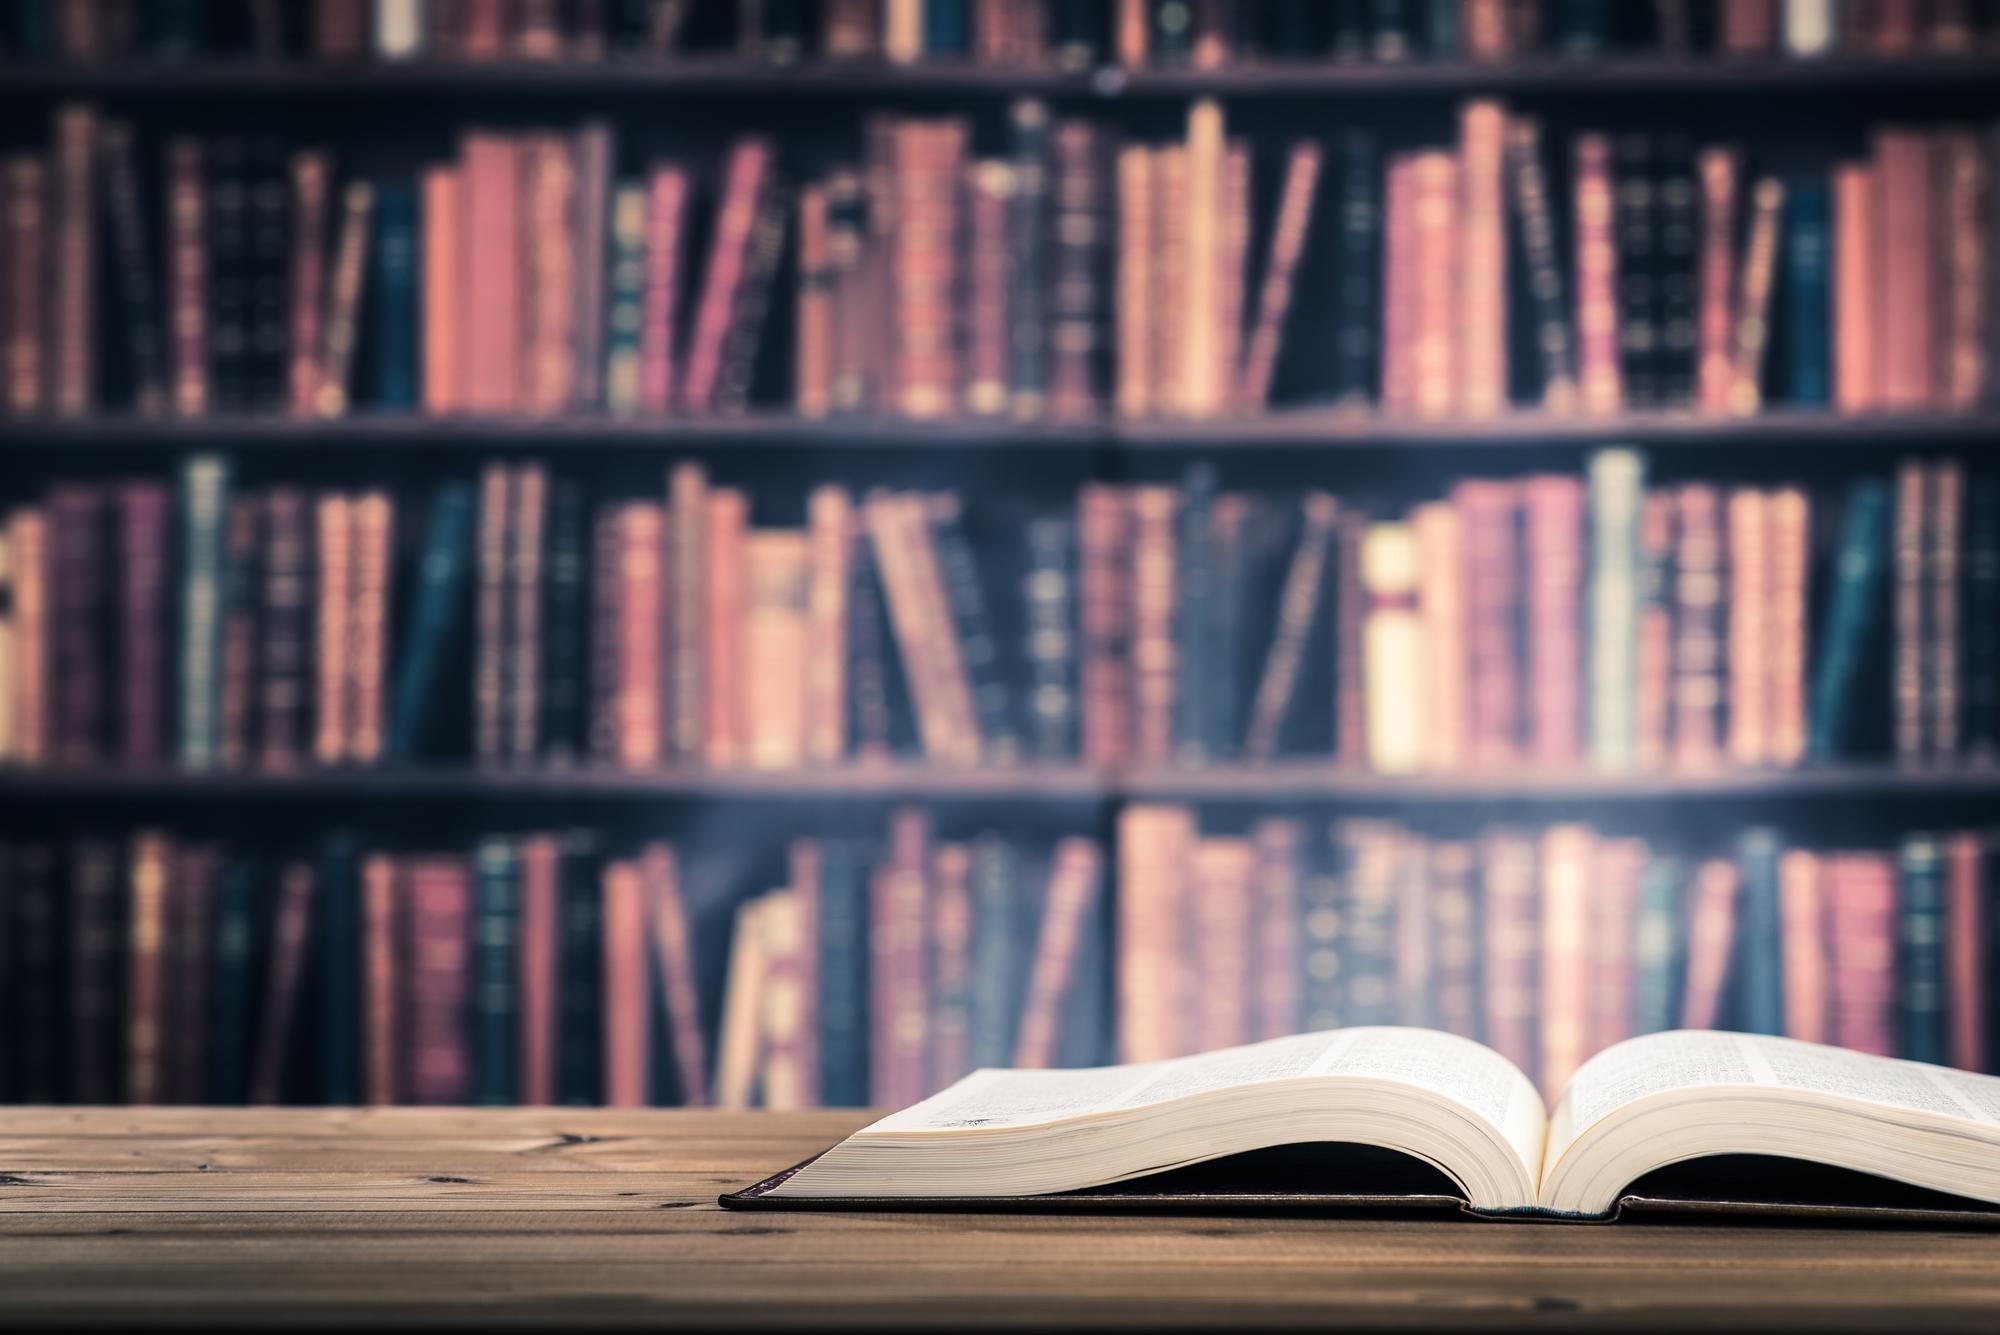 僕が読書を好きになった理由と読書をより効果的に人生に役立てる方法!